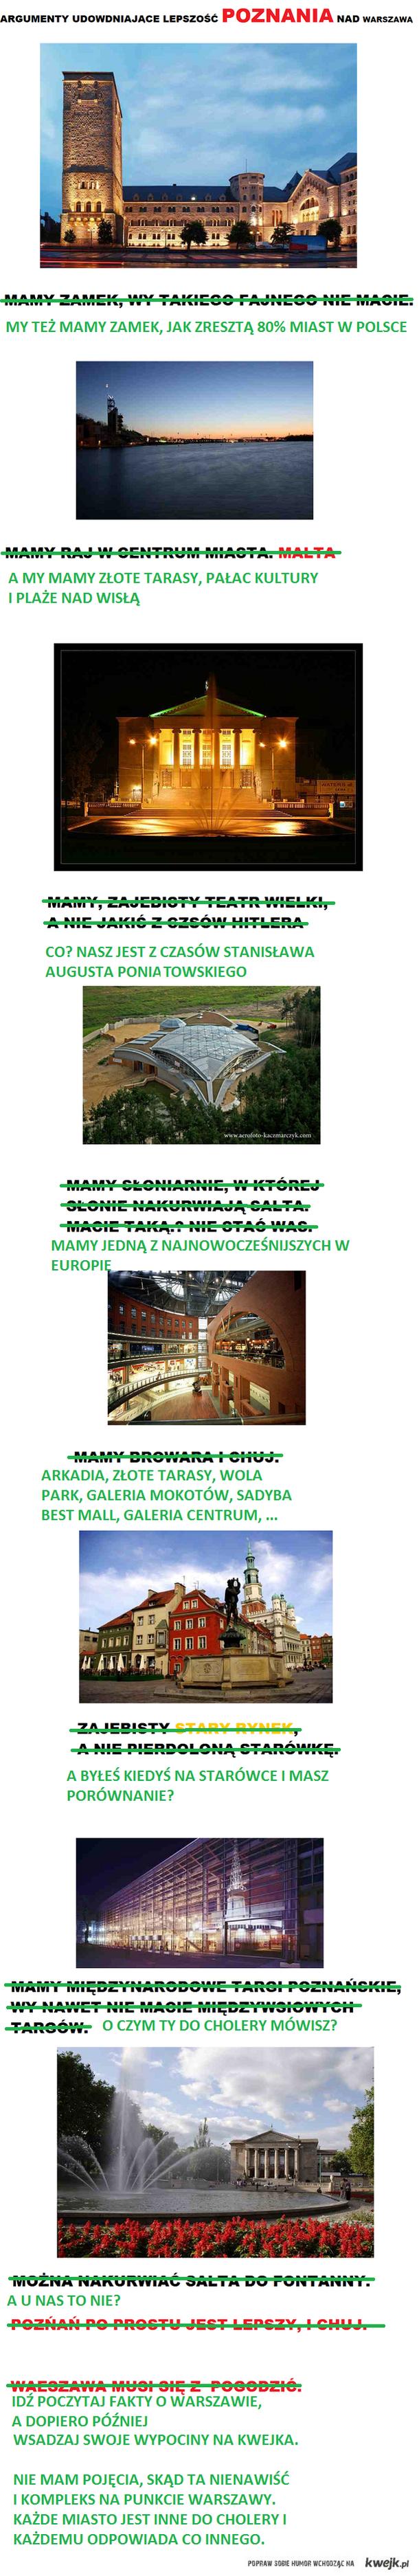 Sprostowanie Poznania i Warszawy